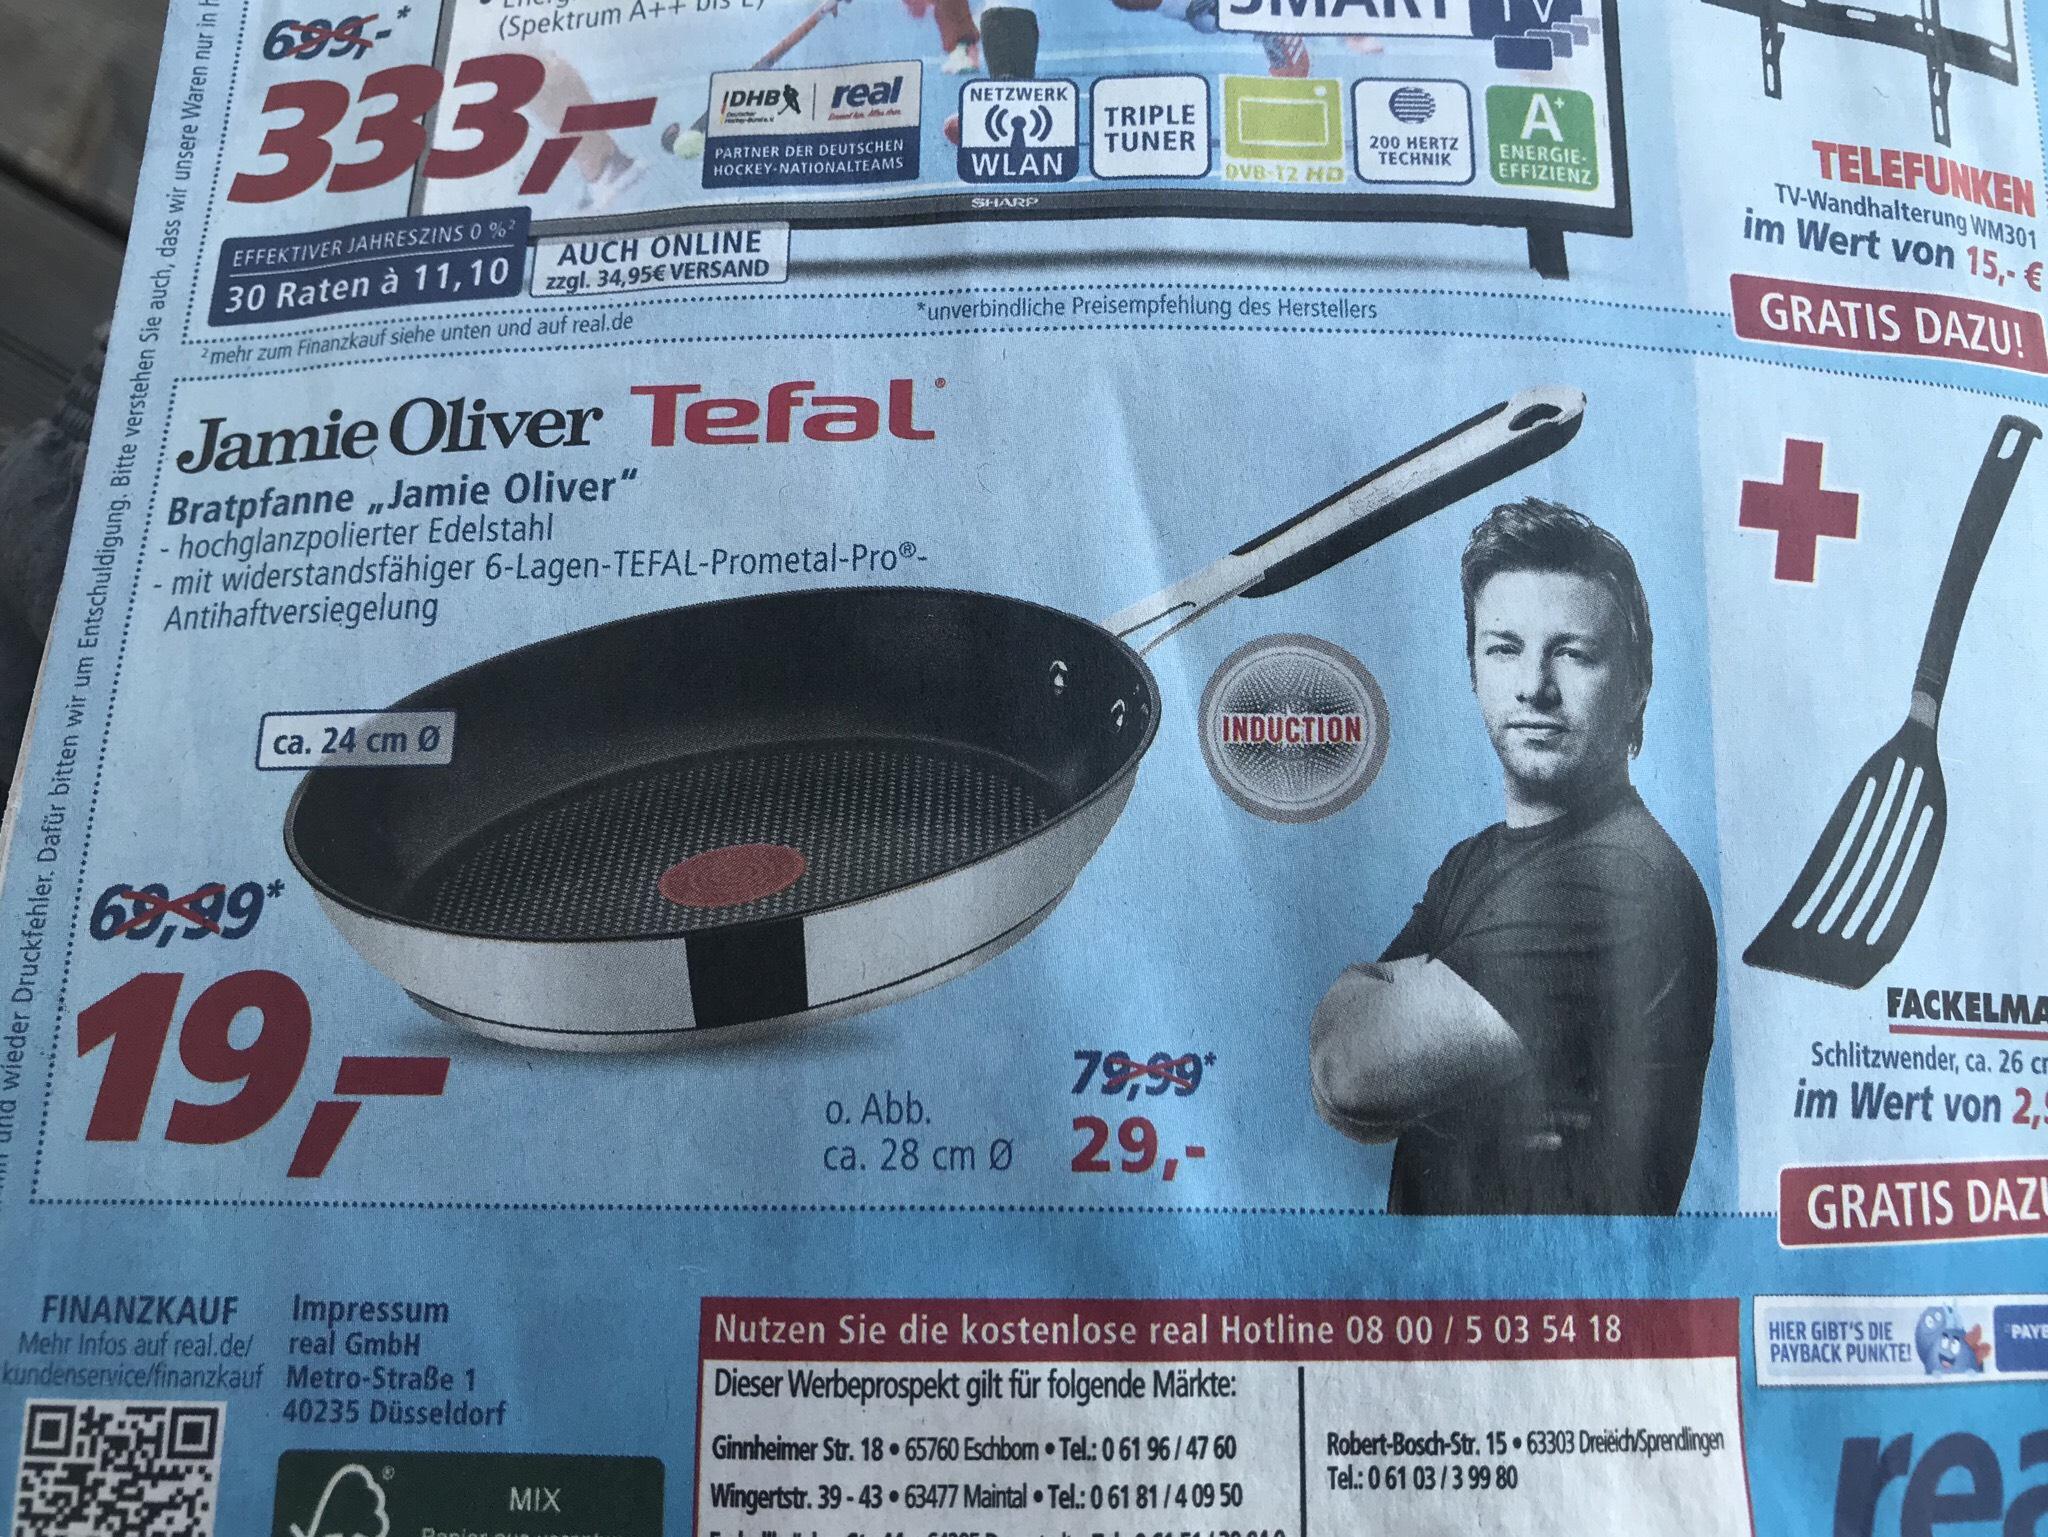 [REAL] Jamie Oliver Tefal (Edelstahl-)Bratpfanne 24cm